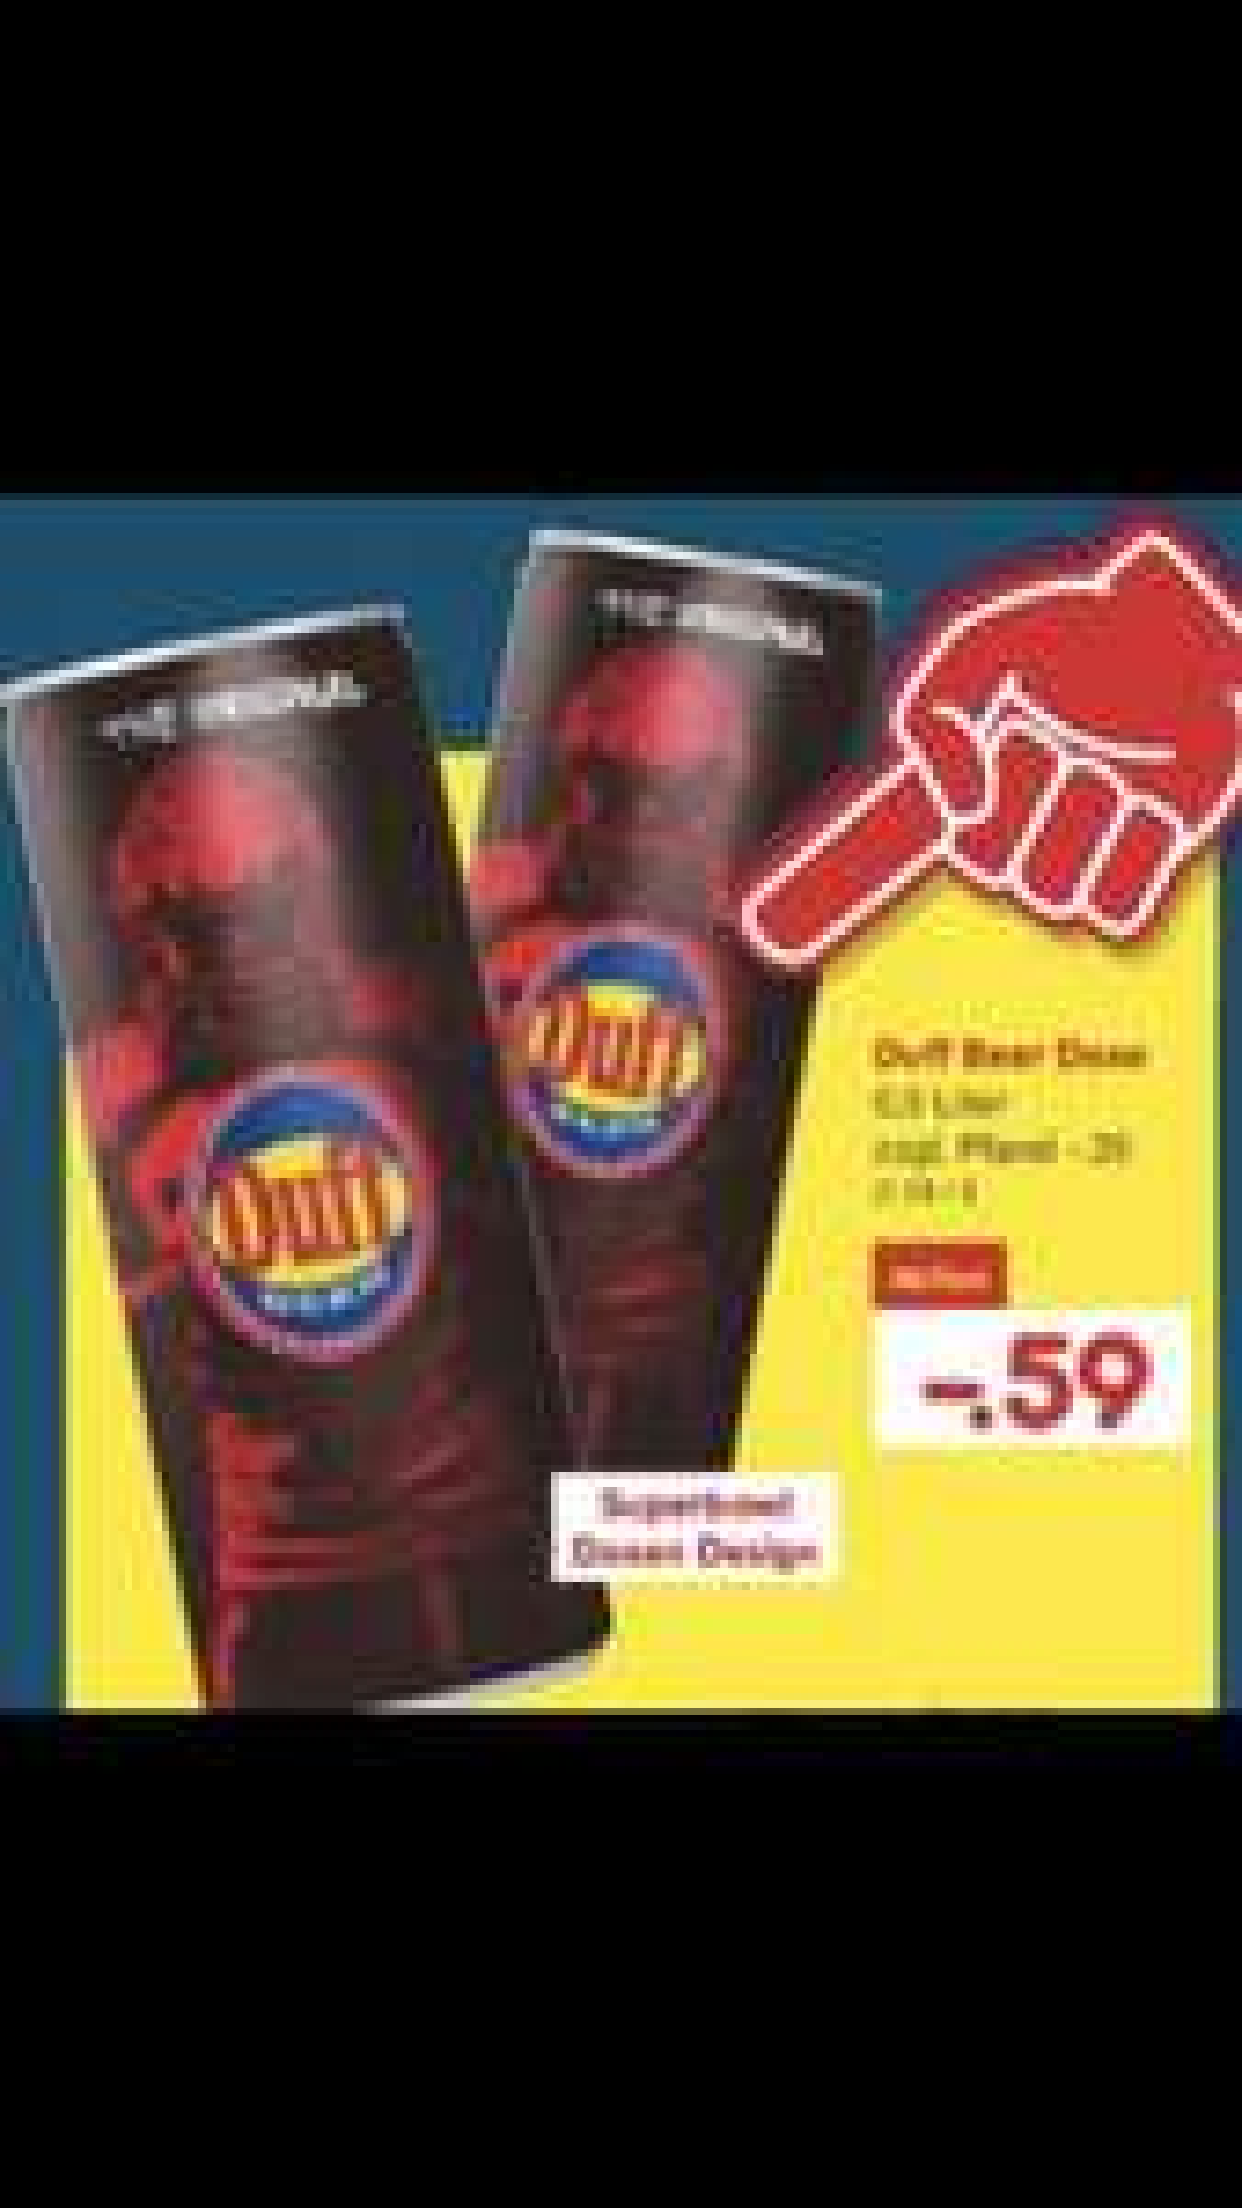 Duff Beer Dose 0,5L 0,59€ zzgl. Pfand (Netto)